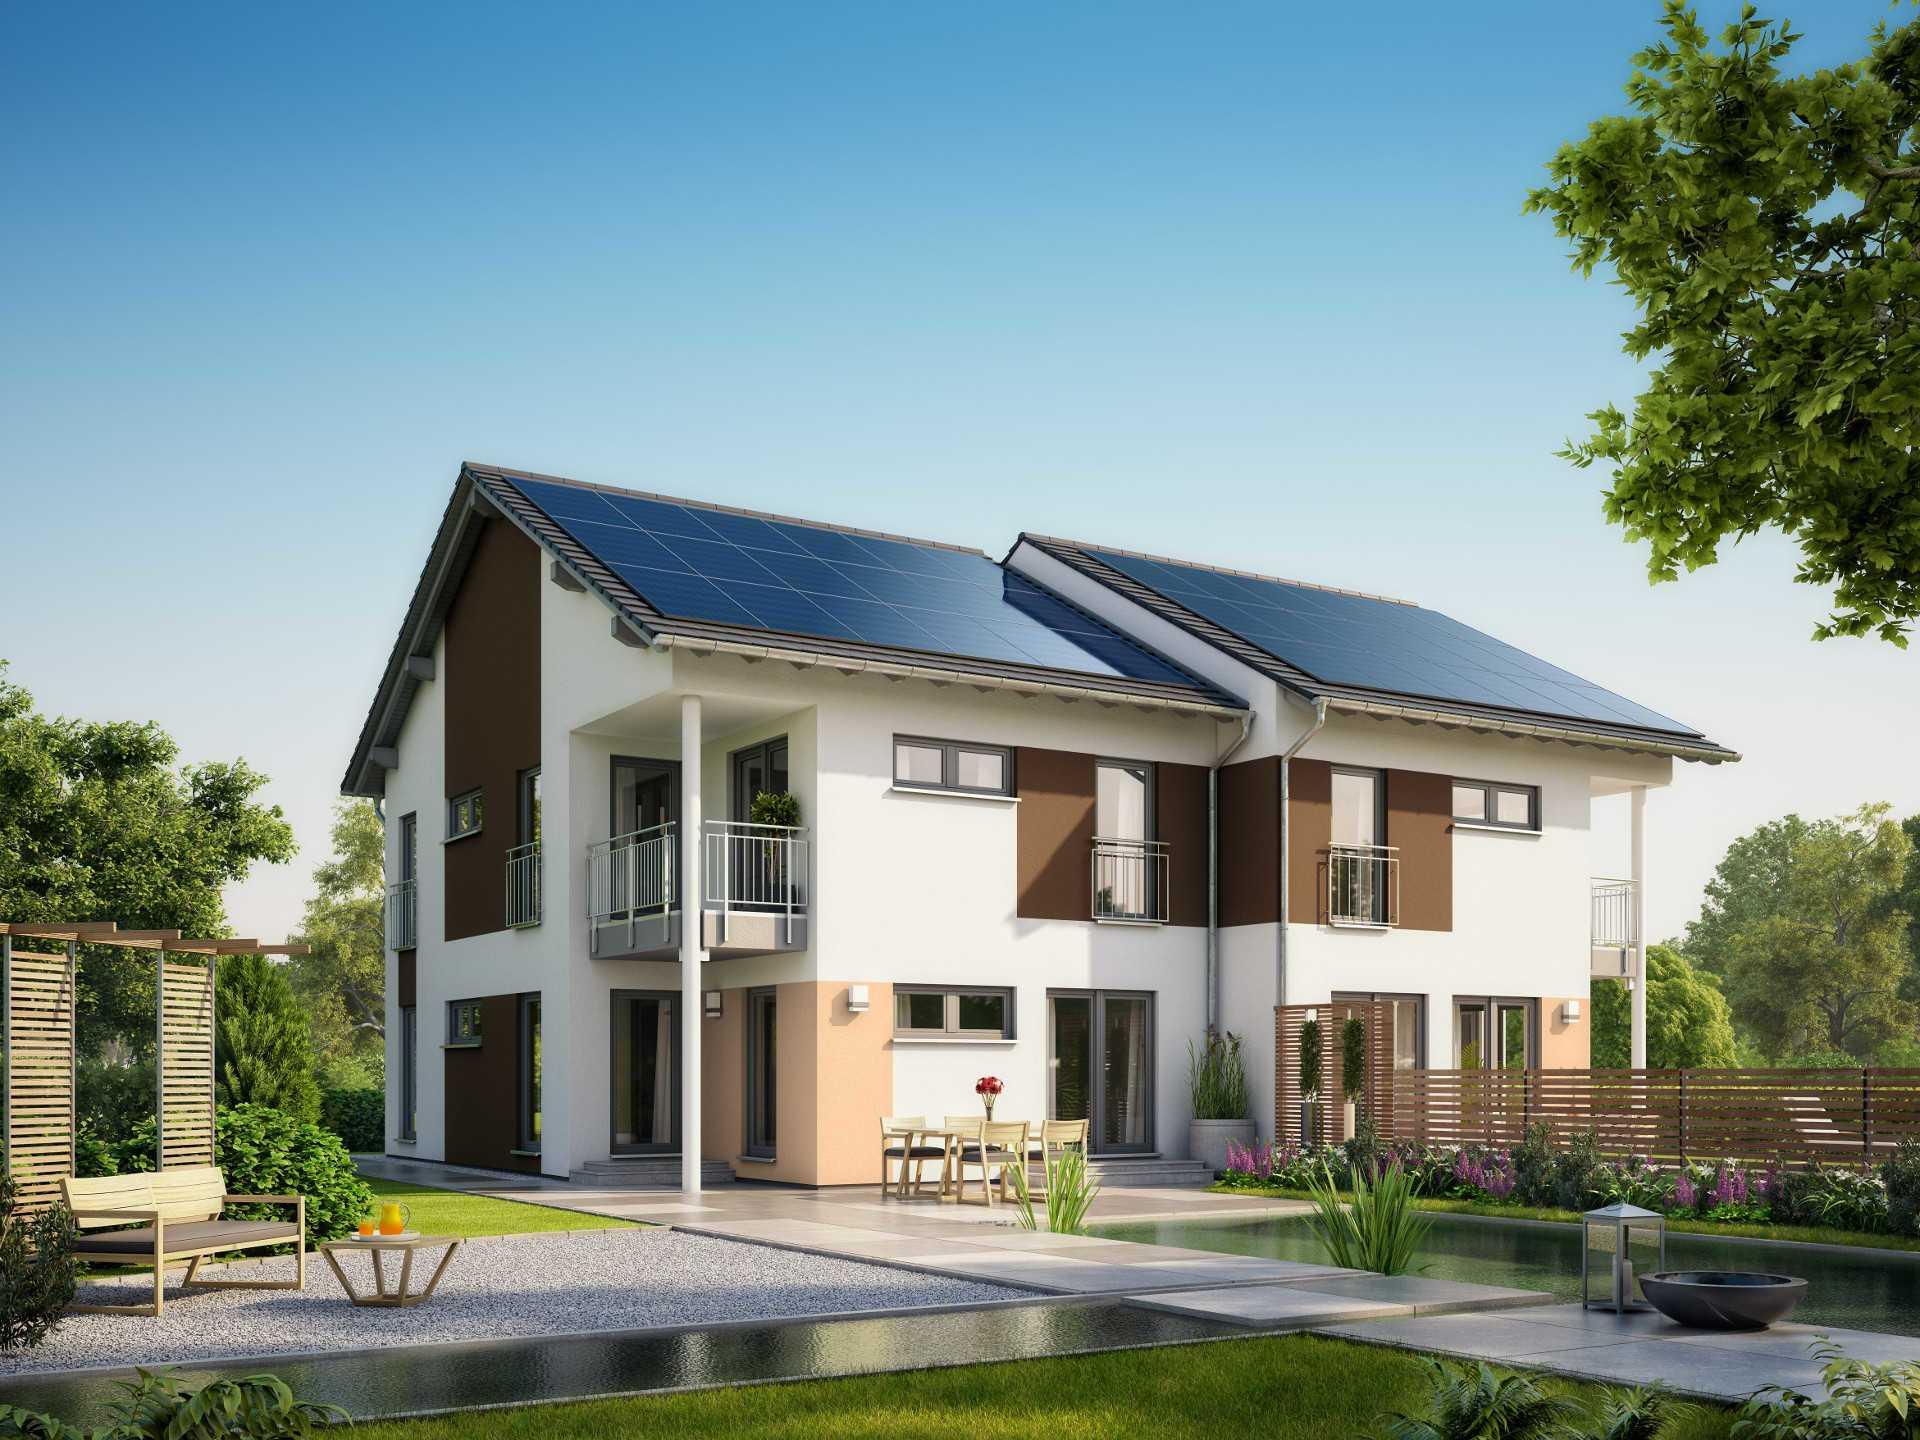 Okal haus h user grundrisse preise erfahrungen auf for Fassadengestaltung beispiele bungalow